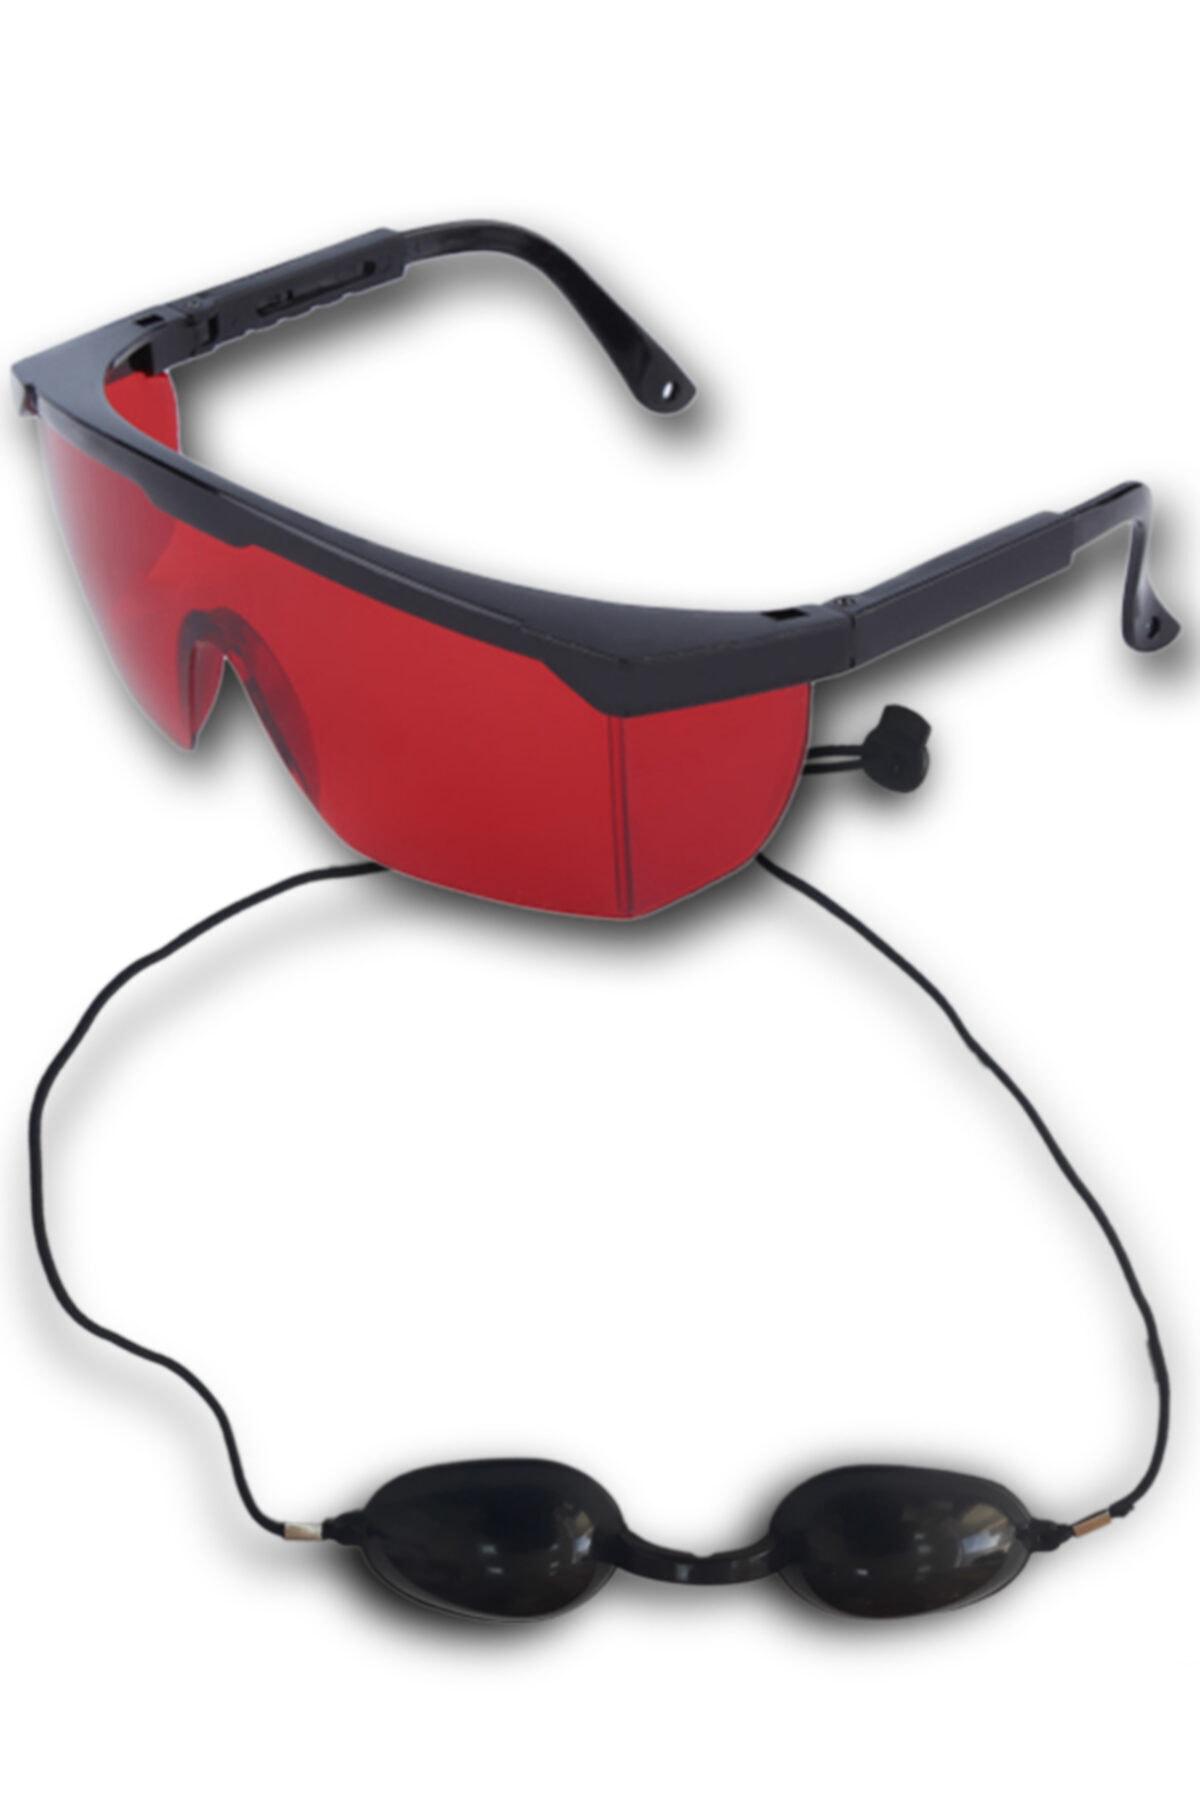 ARMONİKONYA 2 Gözlük Lazer Epilasyon Estetisyen Kırmızı Ipl Hasta Siyah Ipl Gözlük Koruyucu Ipl Gözlüğü 1